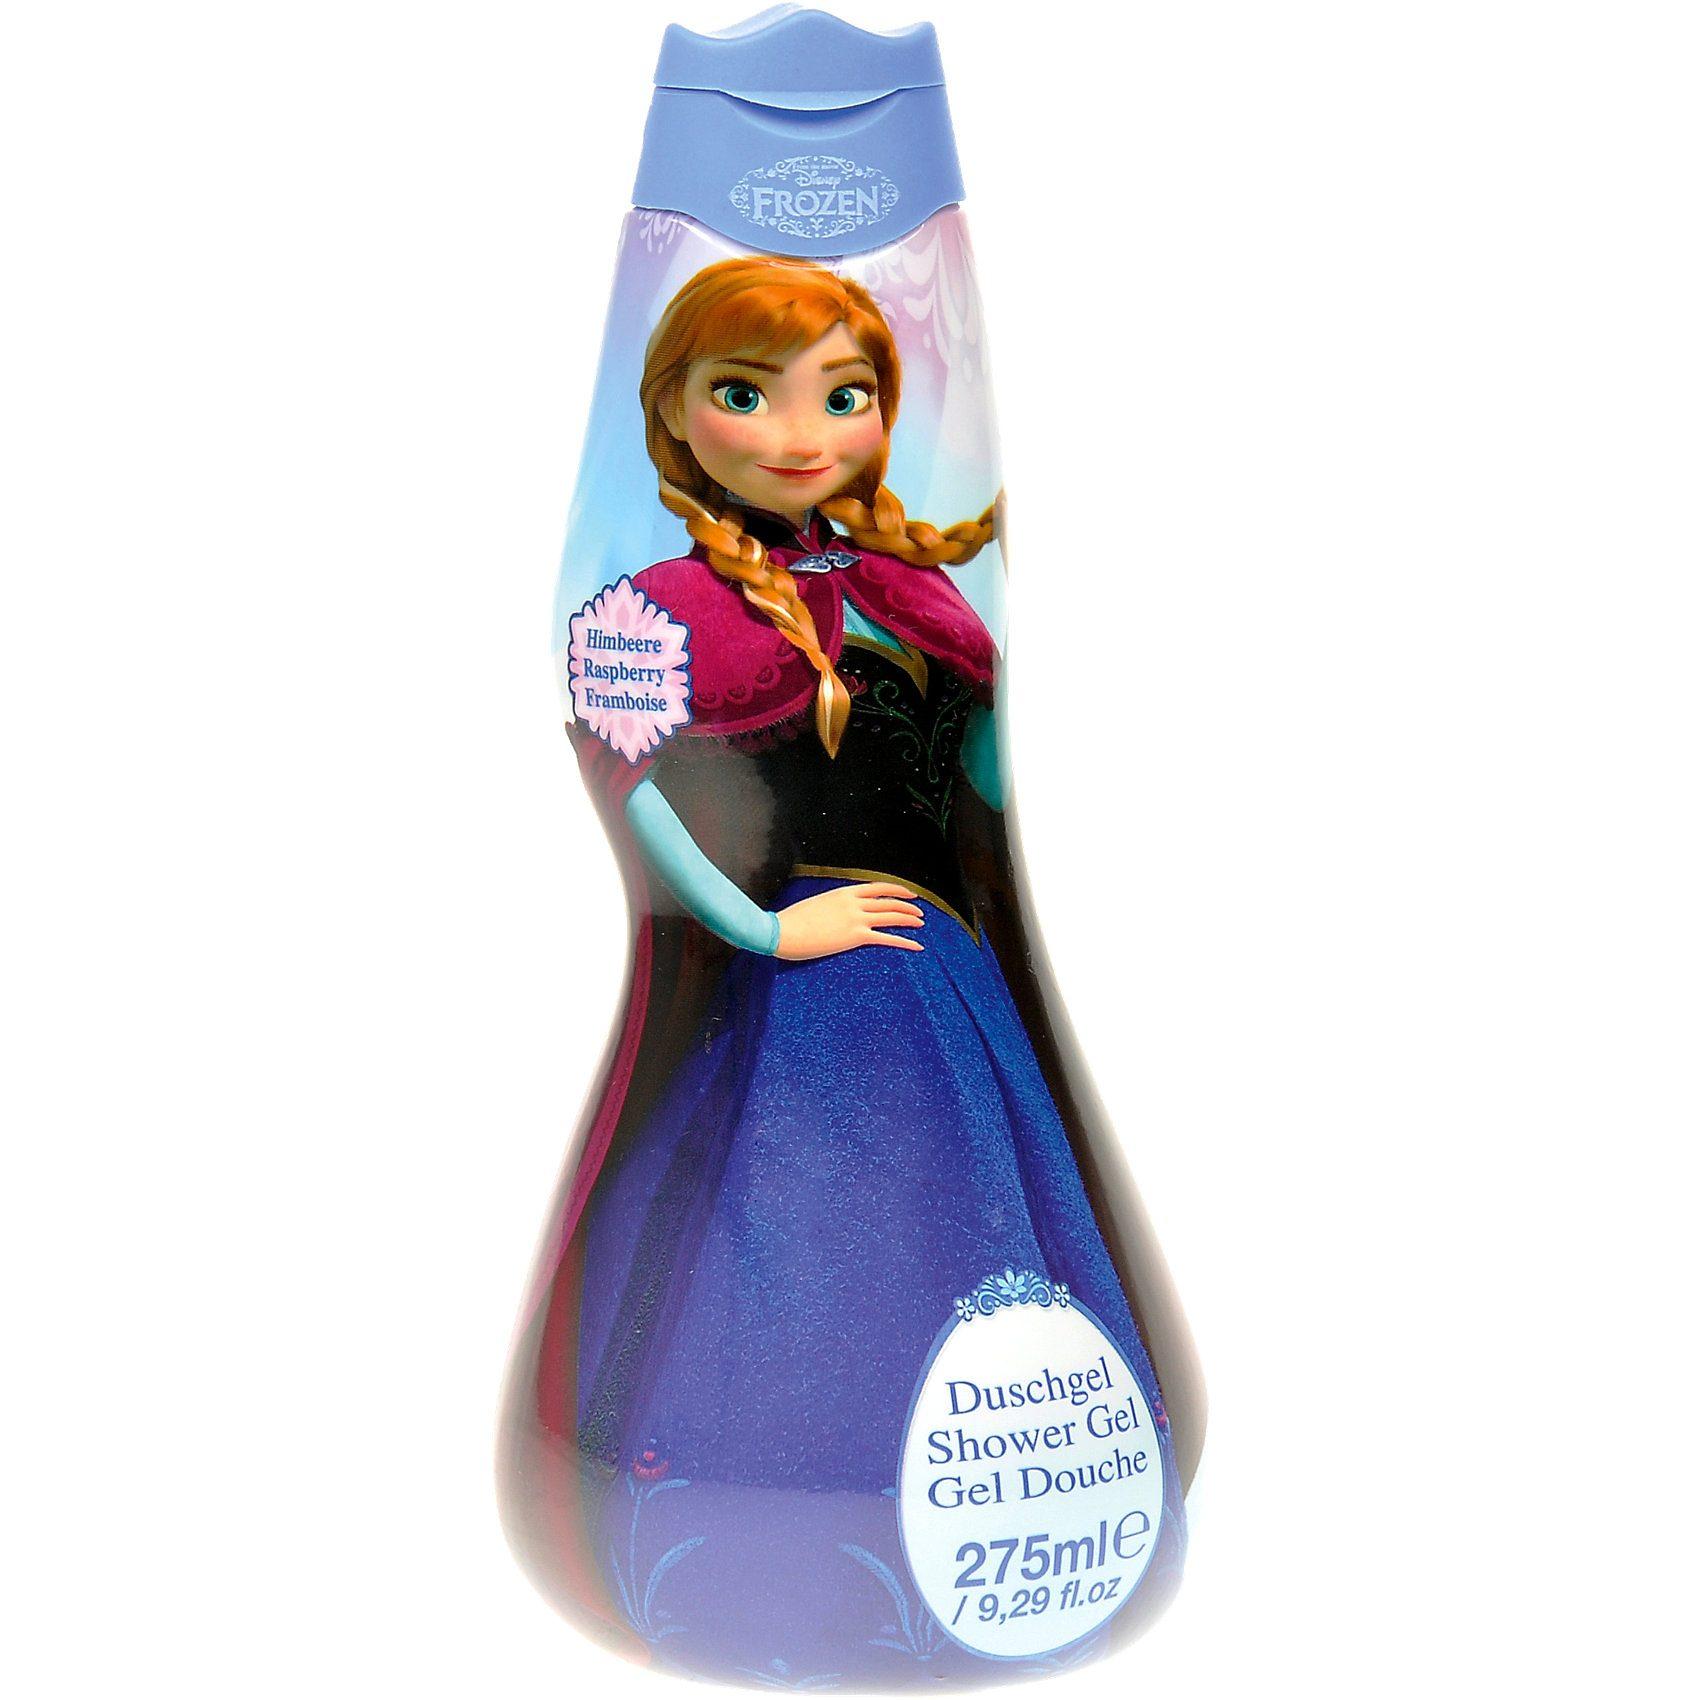 Duschbad Anna, Die Eiskönigin, 275 ml